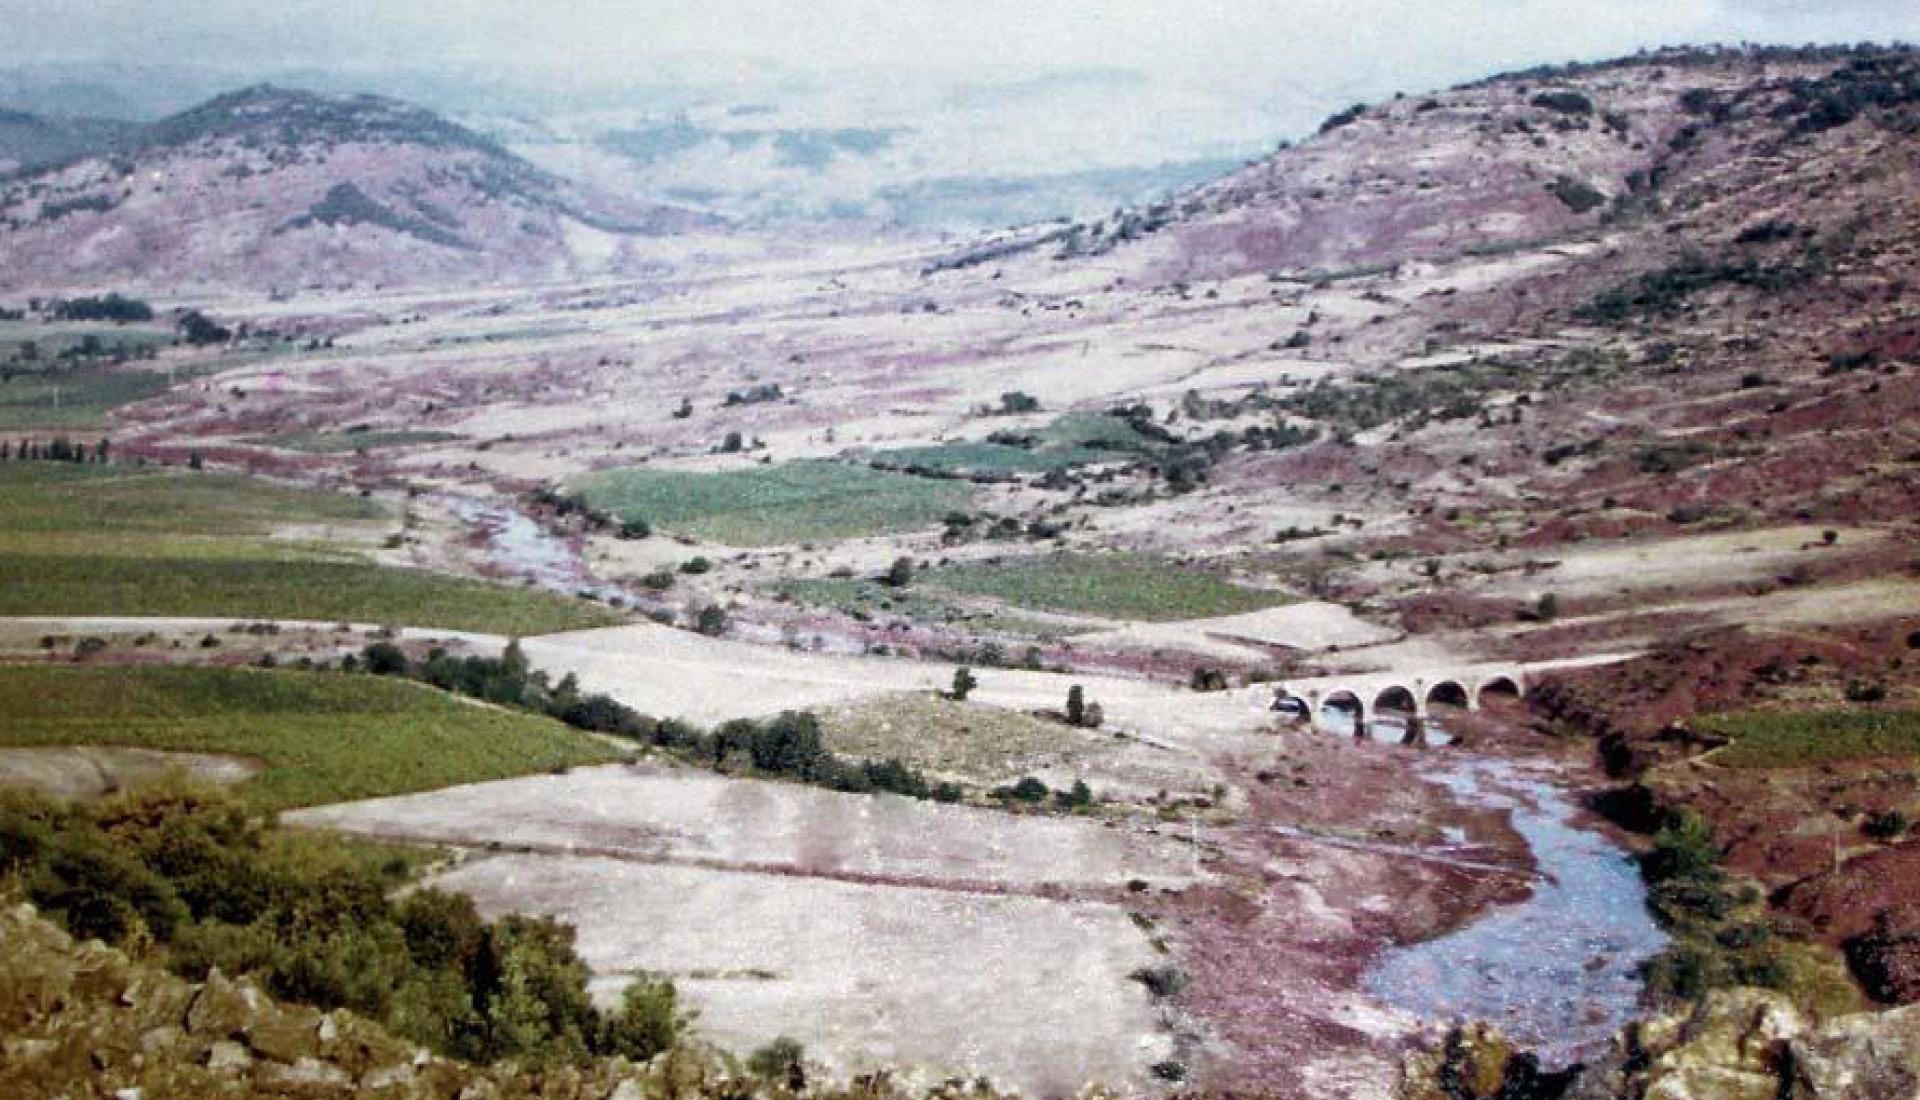 Lac du Salagou photo historique